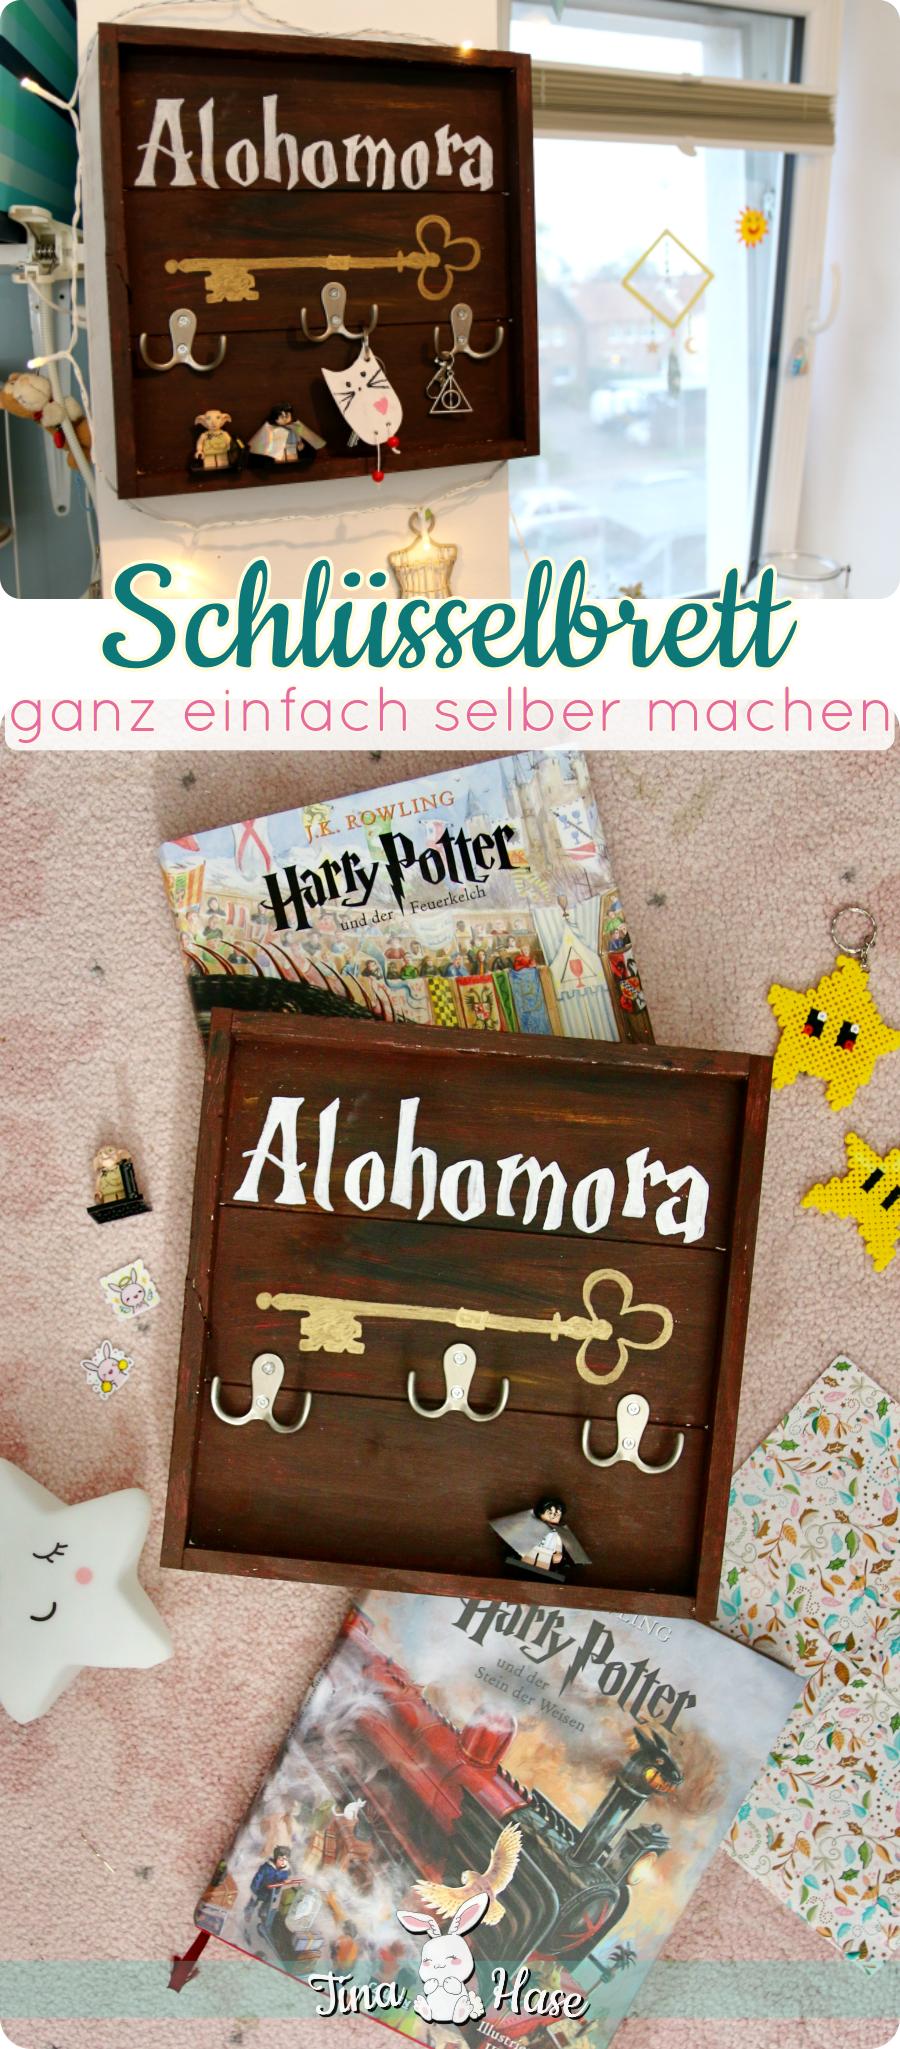 Harry Potter Diy Idee Kreative Geschenke Selber Machen Diy Geschenke Holz Geschenk Deko